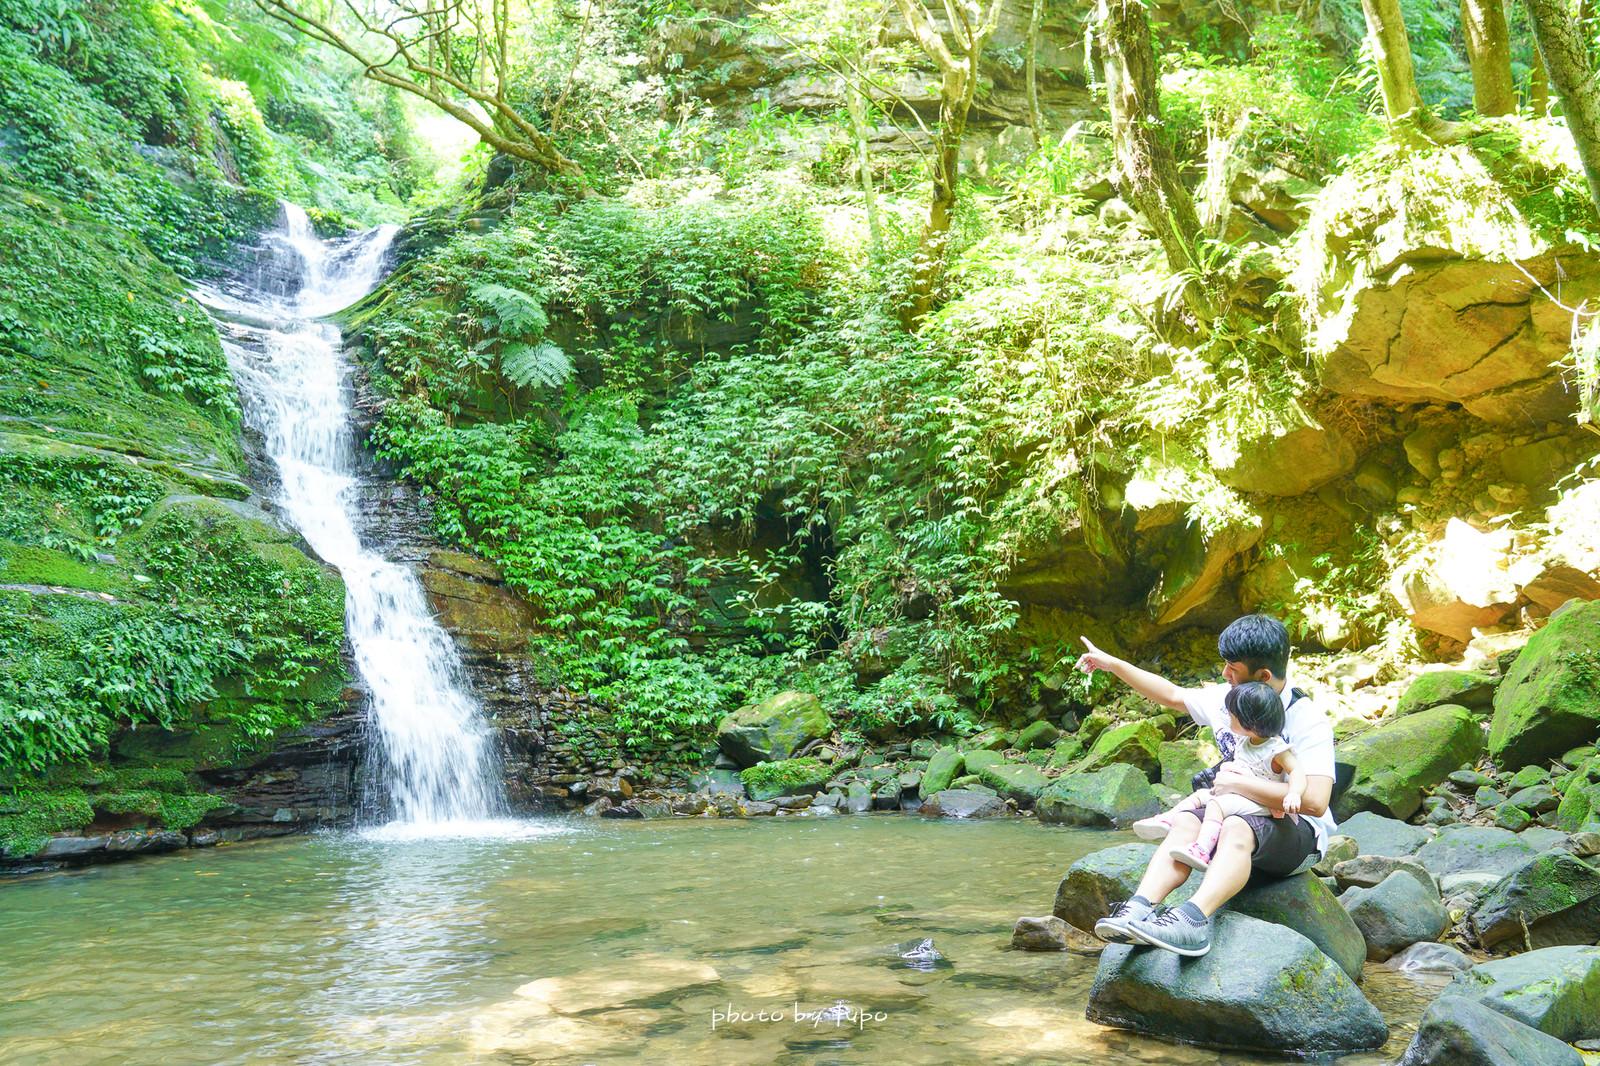 即時熱門文章:新北汐止。茄苳瀑布:低難度三分鐘抵達森林瀑布秘境,四五層樓高的多層瀑布超級消暑,水質清澈見底~